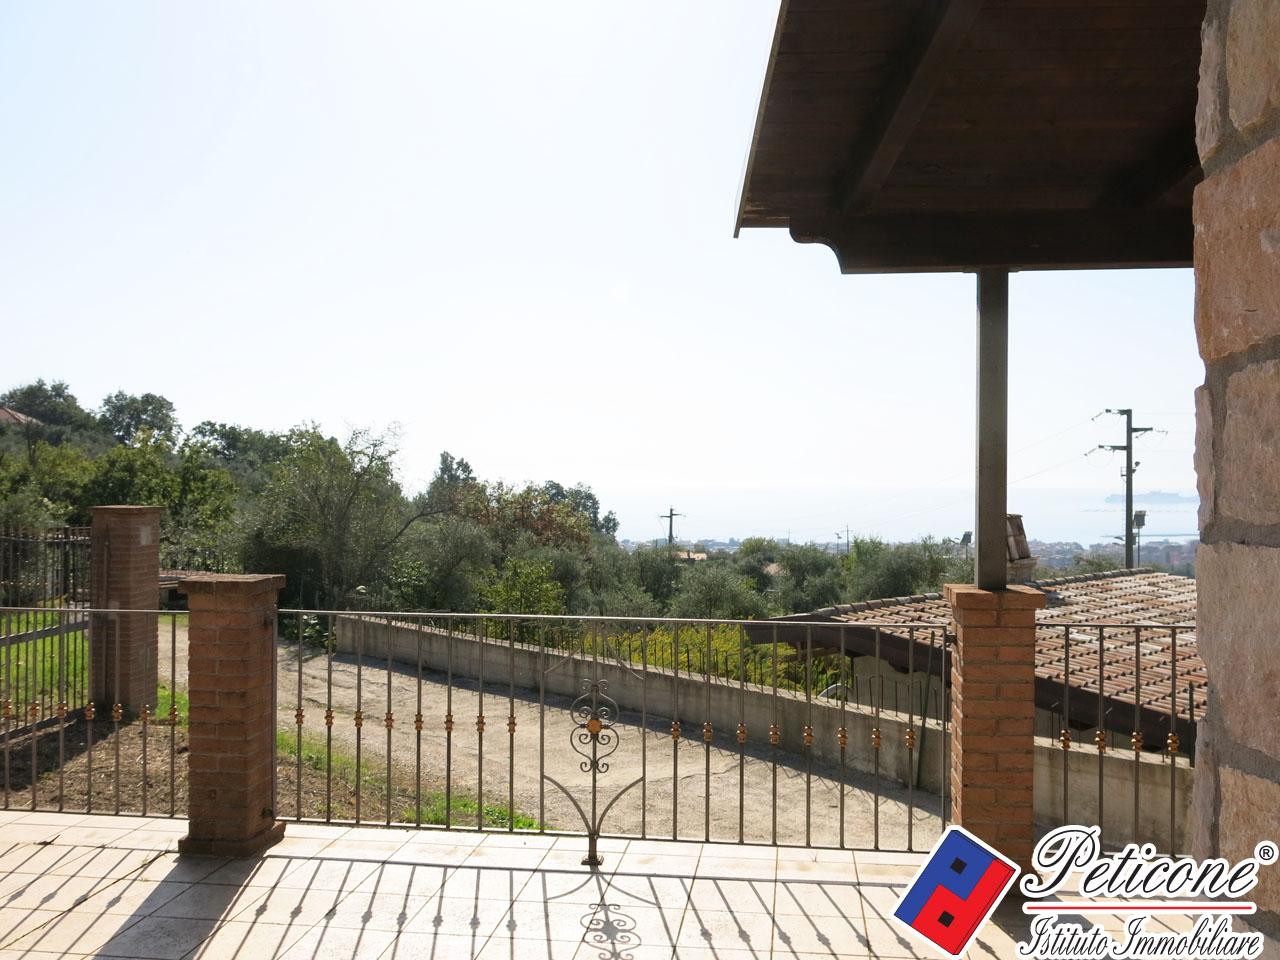 Villa in Vendita a Formia: 4 locali, 90 mq - Foto 28